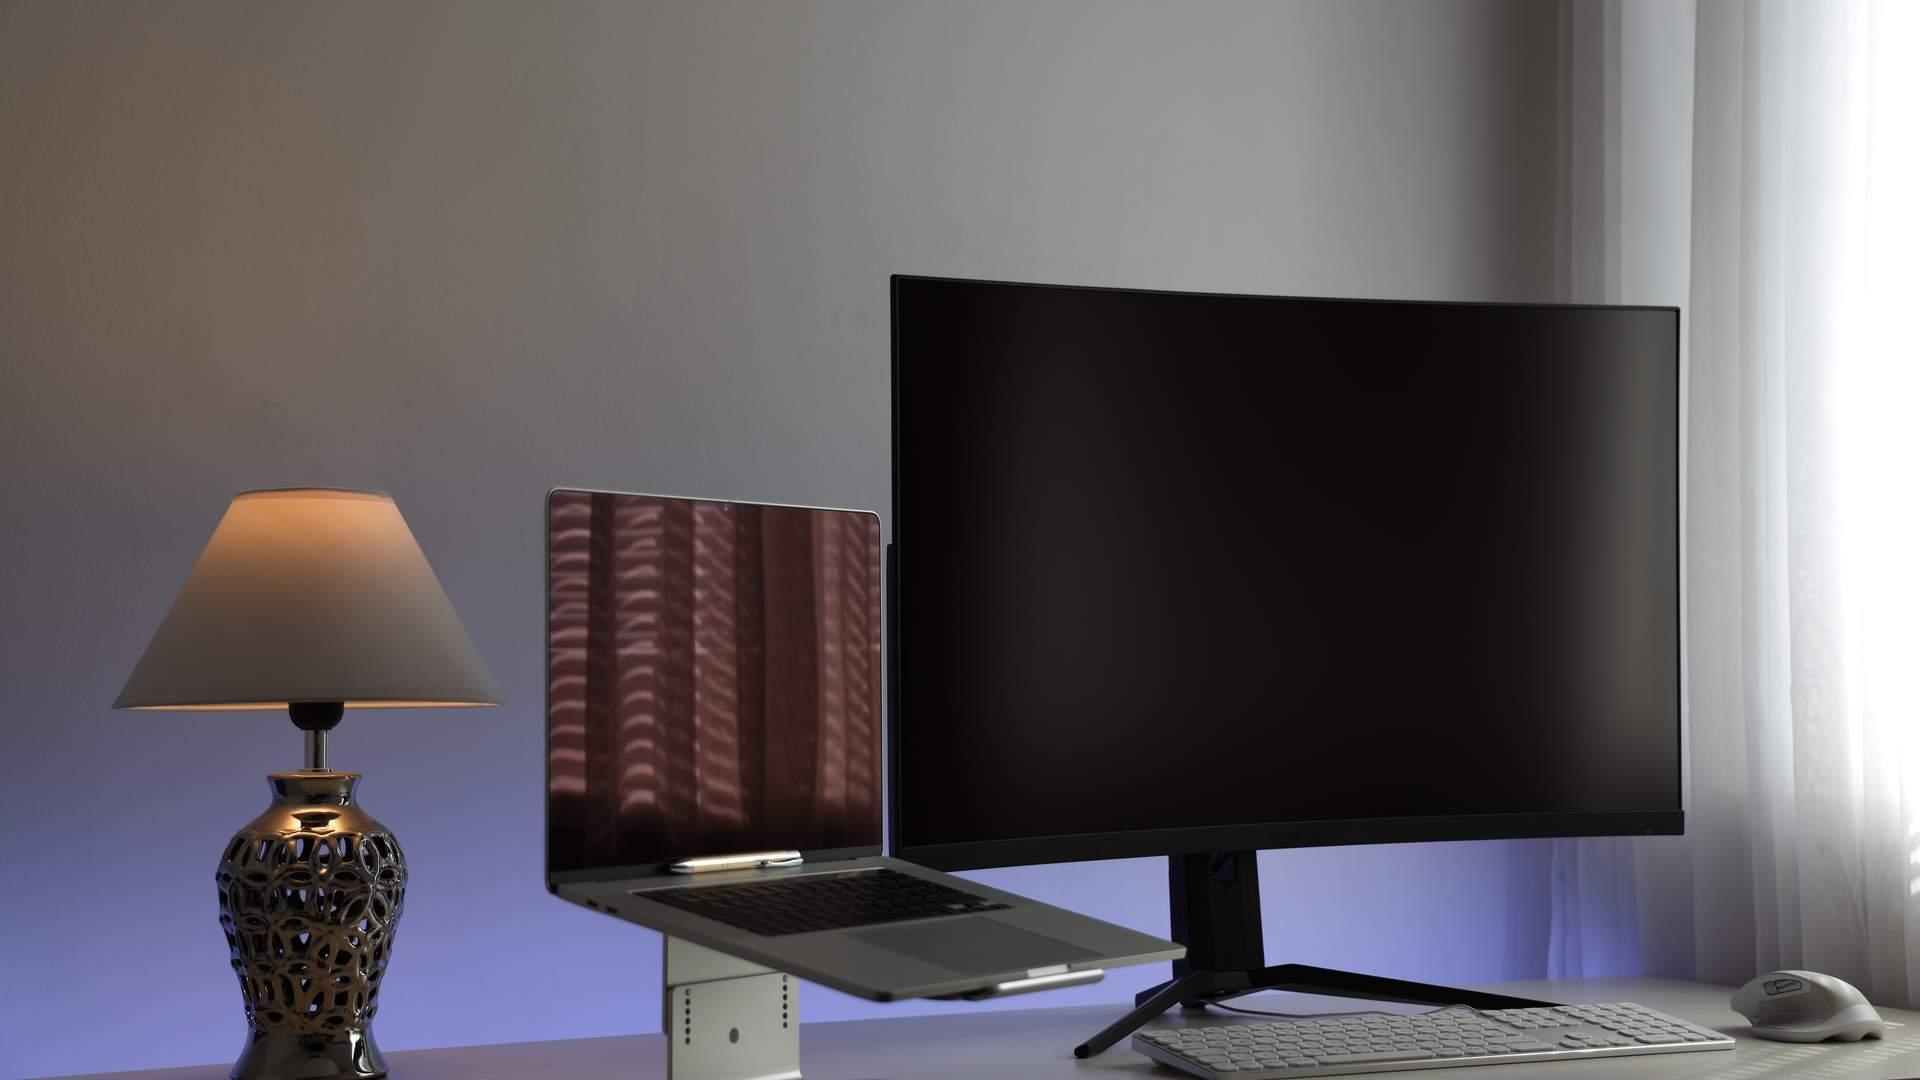 Um monitor para notebook tem muitas vantagens e ainda pode ficar elegante no seu home office (Fonte: Shutterstock/mlagiolino)